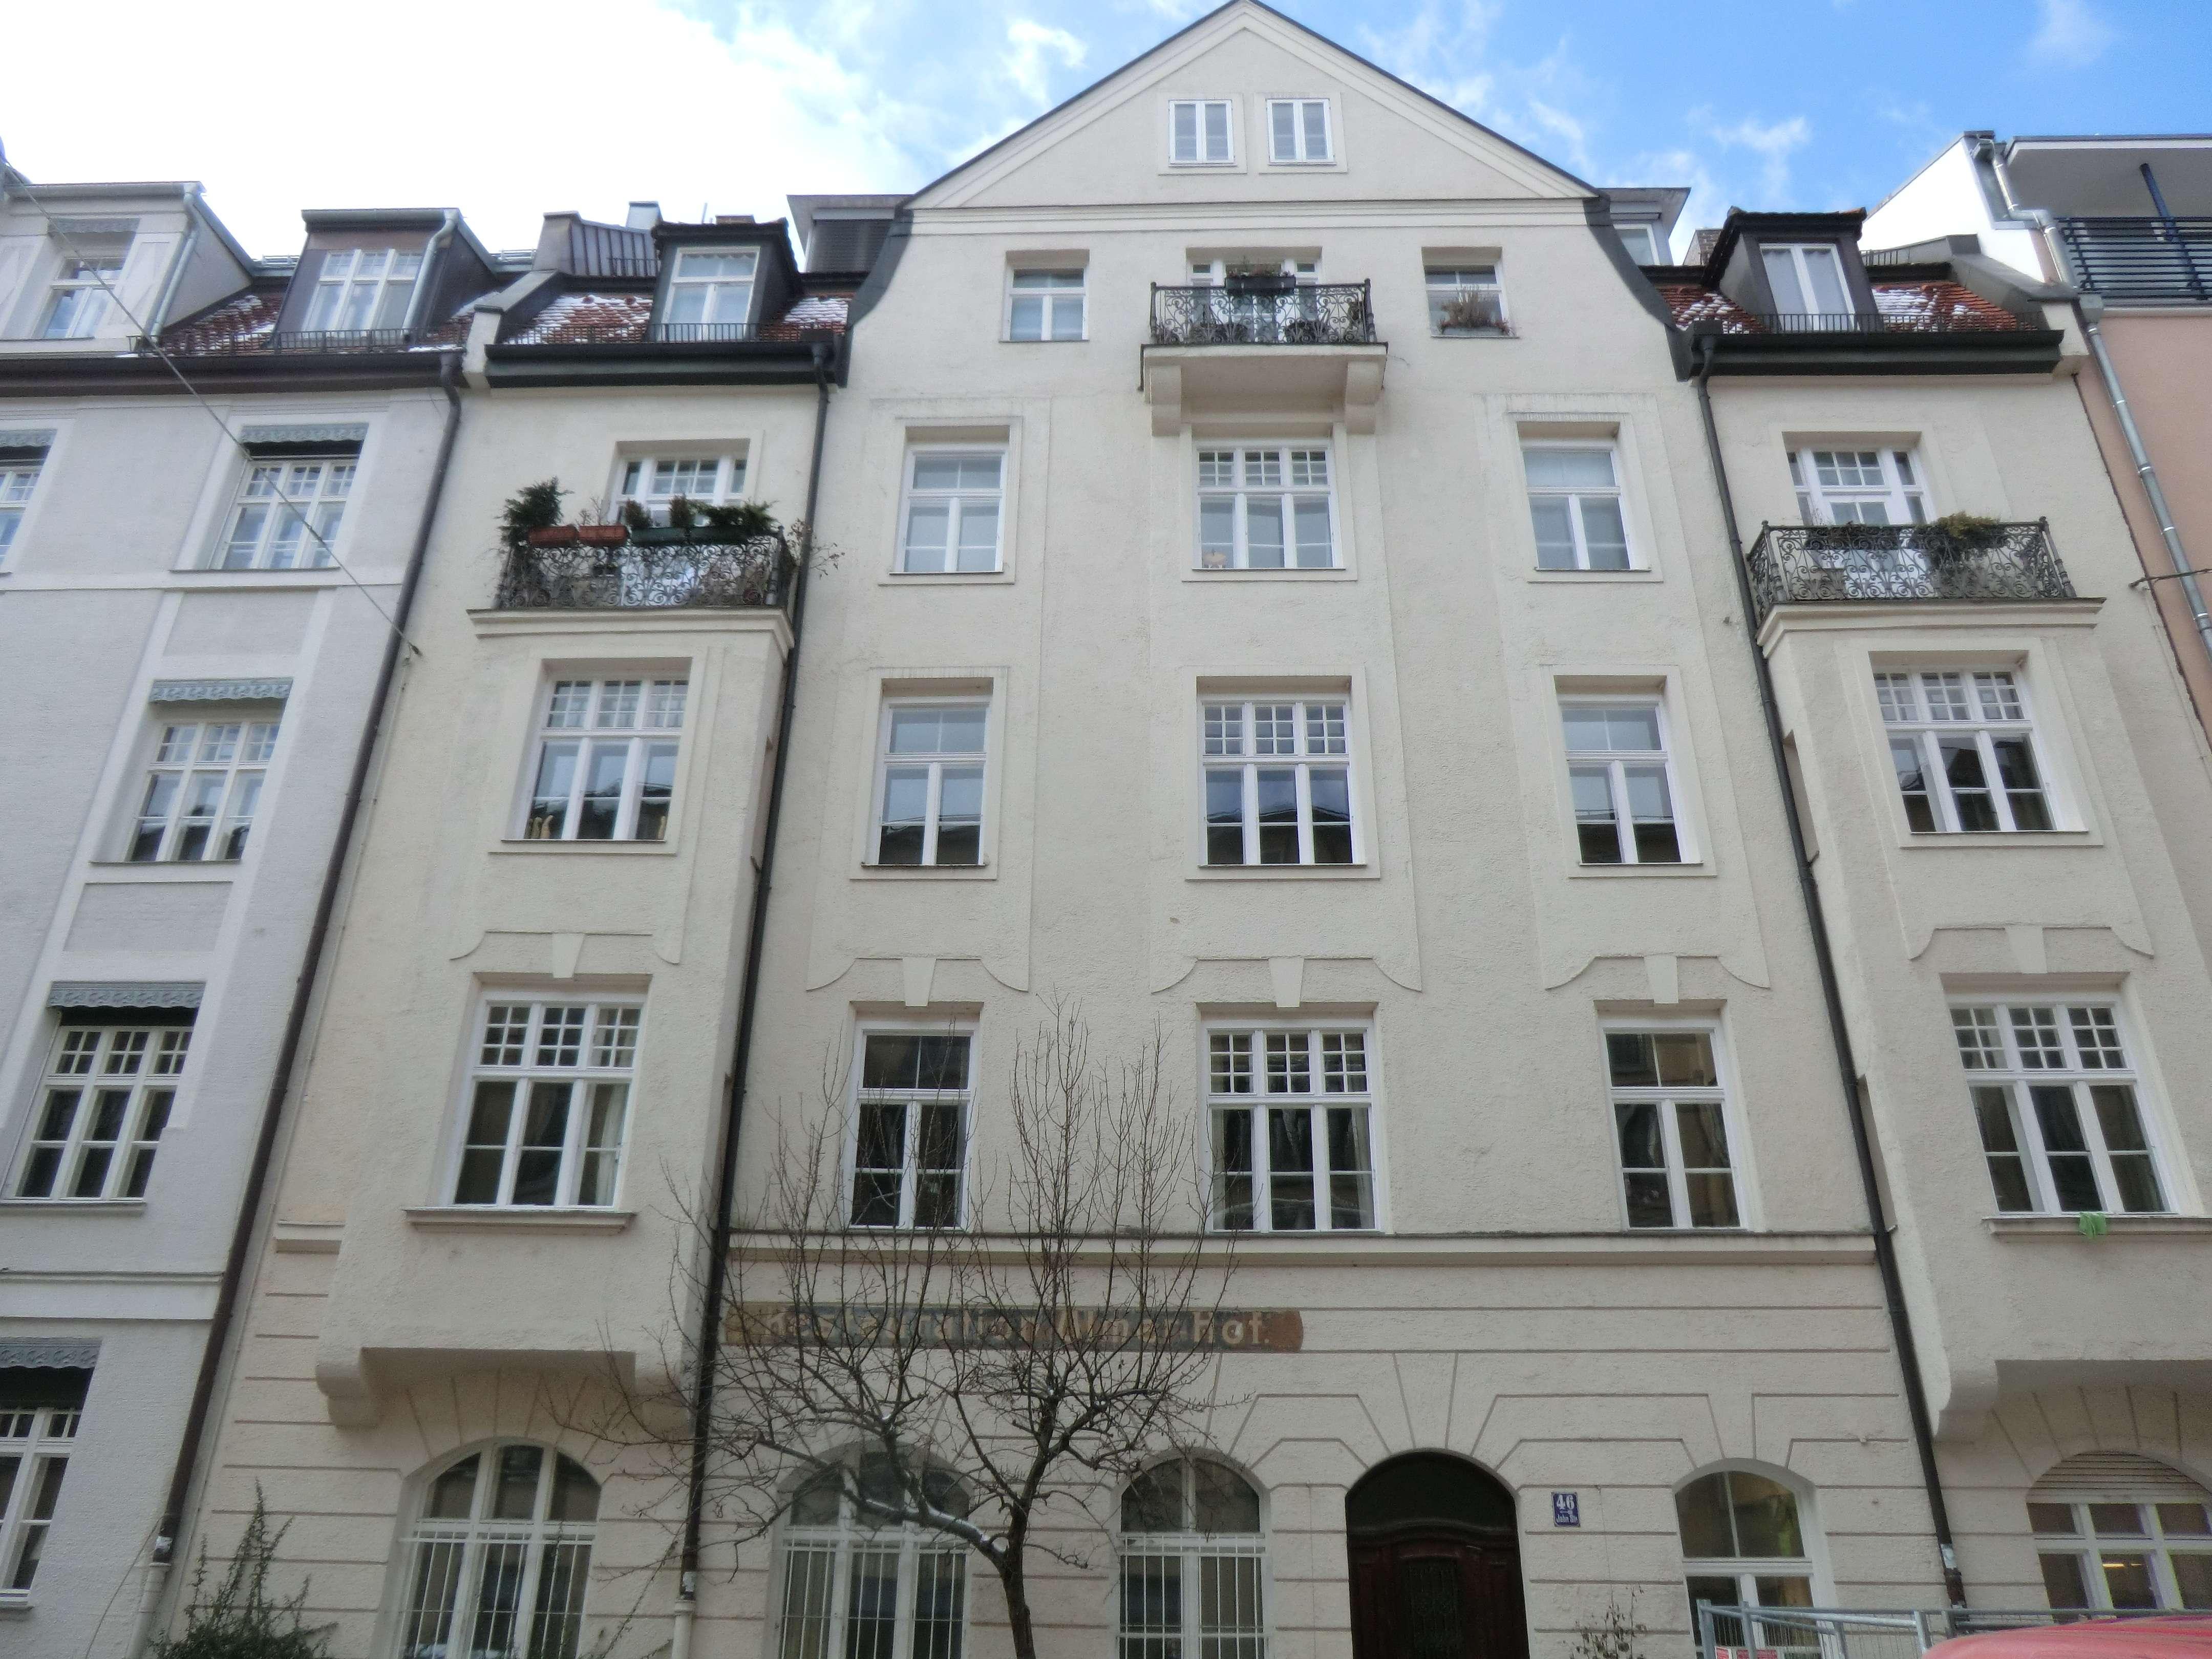 Traumhaft sanierte Altbauwohnung im Glockenbachviertel in Ludwigsvorstadt-Isarvorstadt (München)